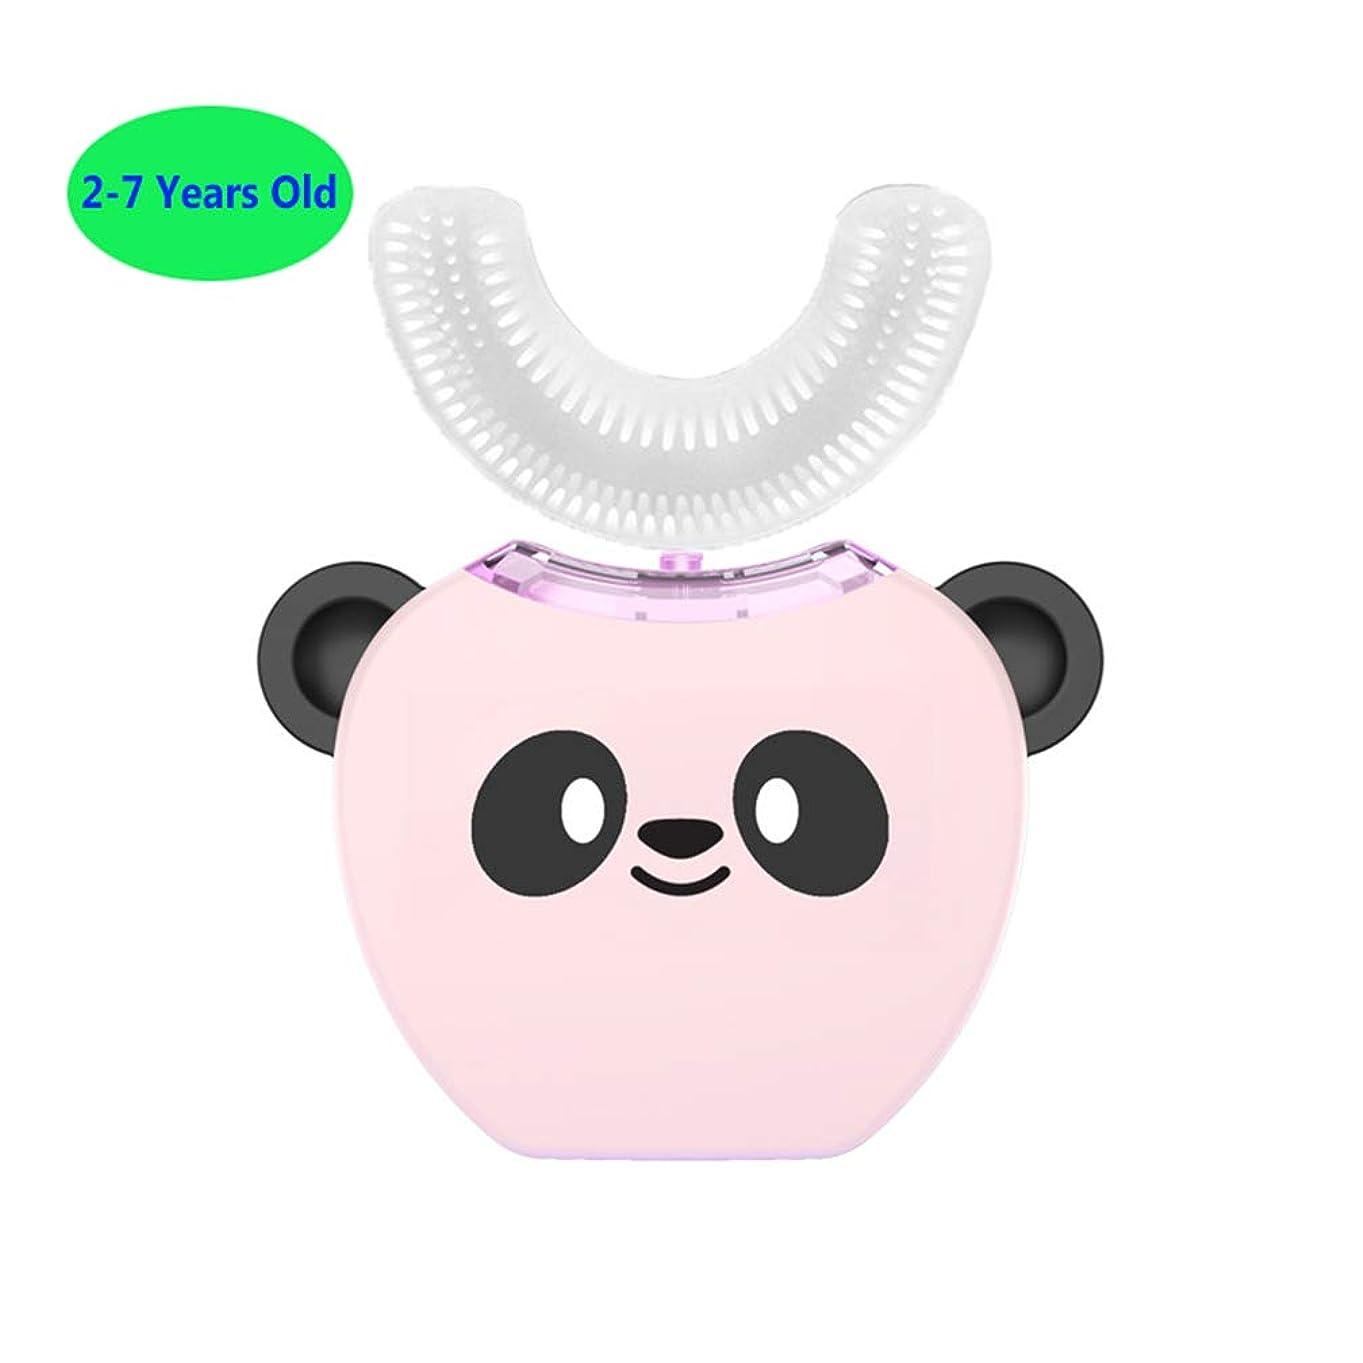 ジョセフバンクスダム年次子供のためのフルオートの電動歯ブラシ、360°超音波電動歯ブラシ、冷光、美白装置、自動歯ブラシ、ワイヤレス充電ドック,Pink,2/7Years